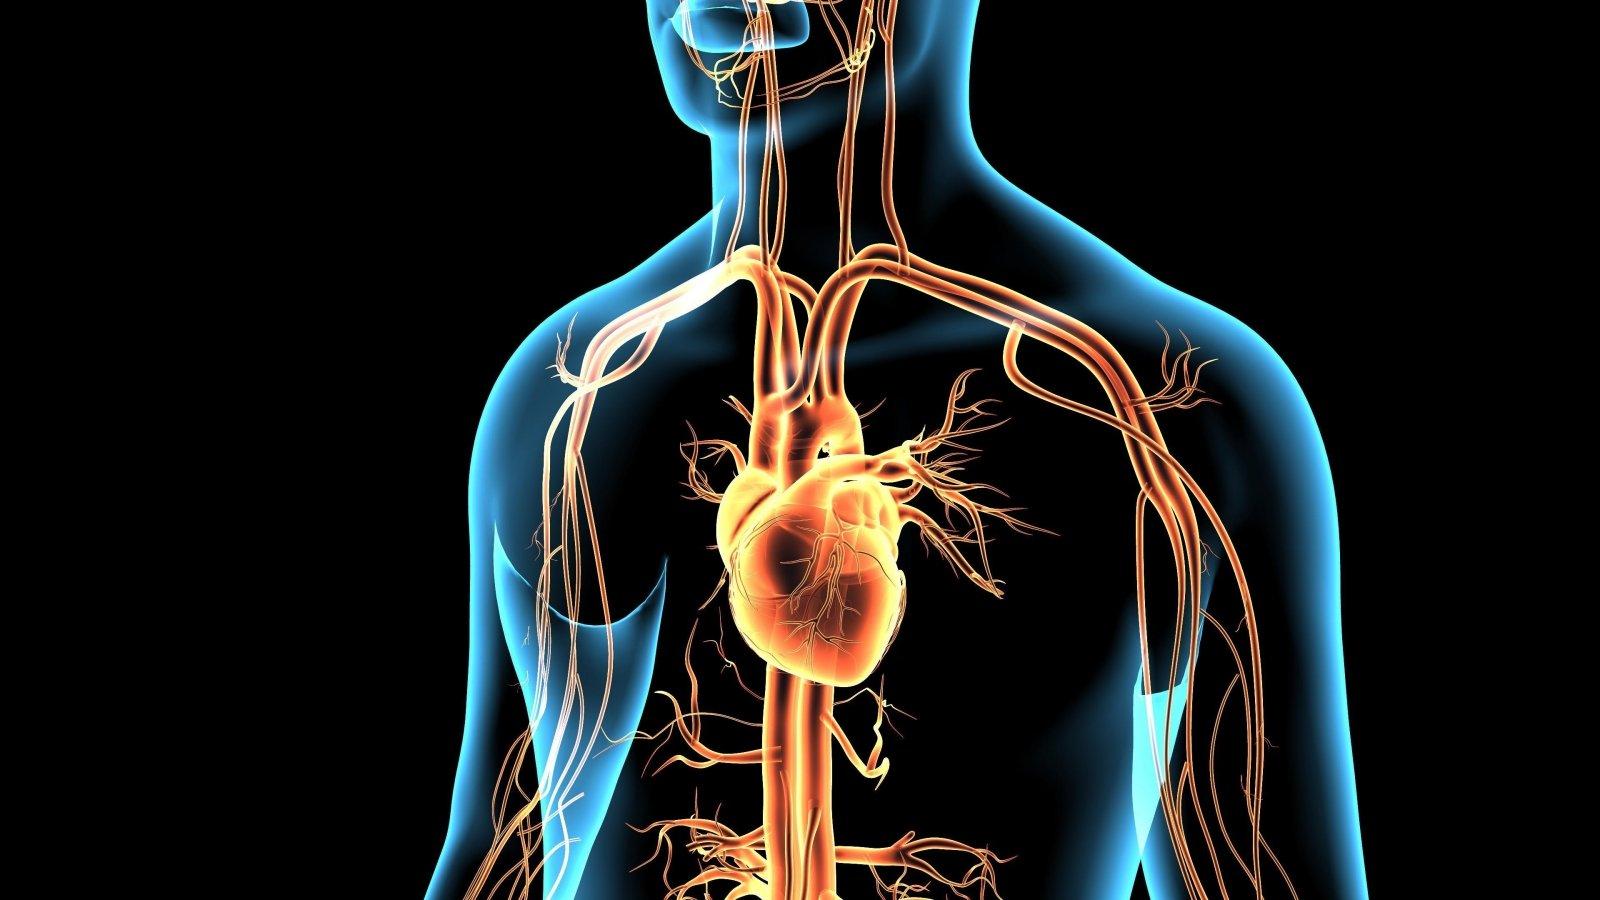 sveikatos problemų, susijusių su širdies ligomis kaip yra inkstų hipertenzija